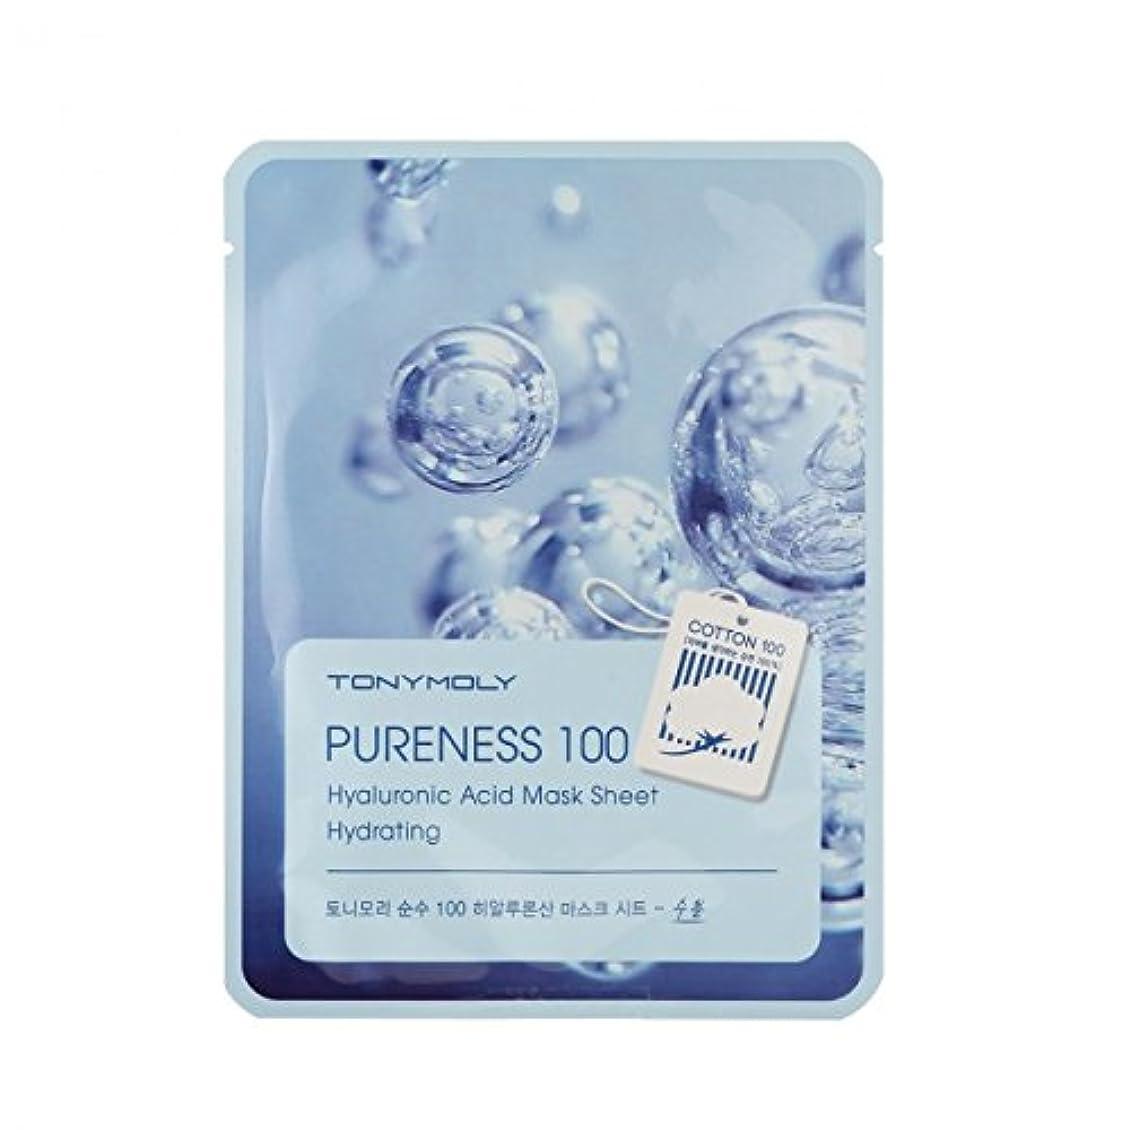 上記の頭と肩水っぽいおTONYMOLY Pureness 100 Hyaluronic Acid Mask Sheet Hydrating (並行輸入品)